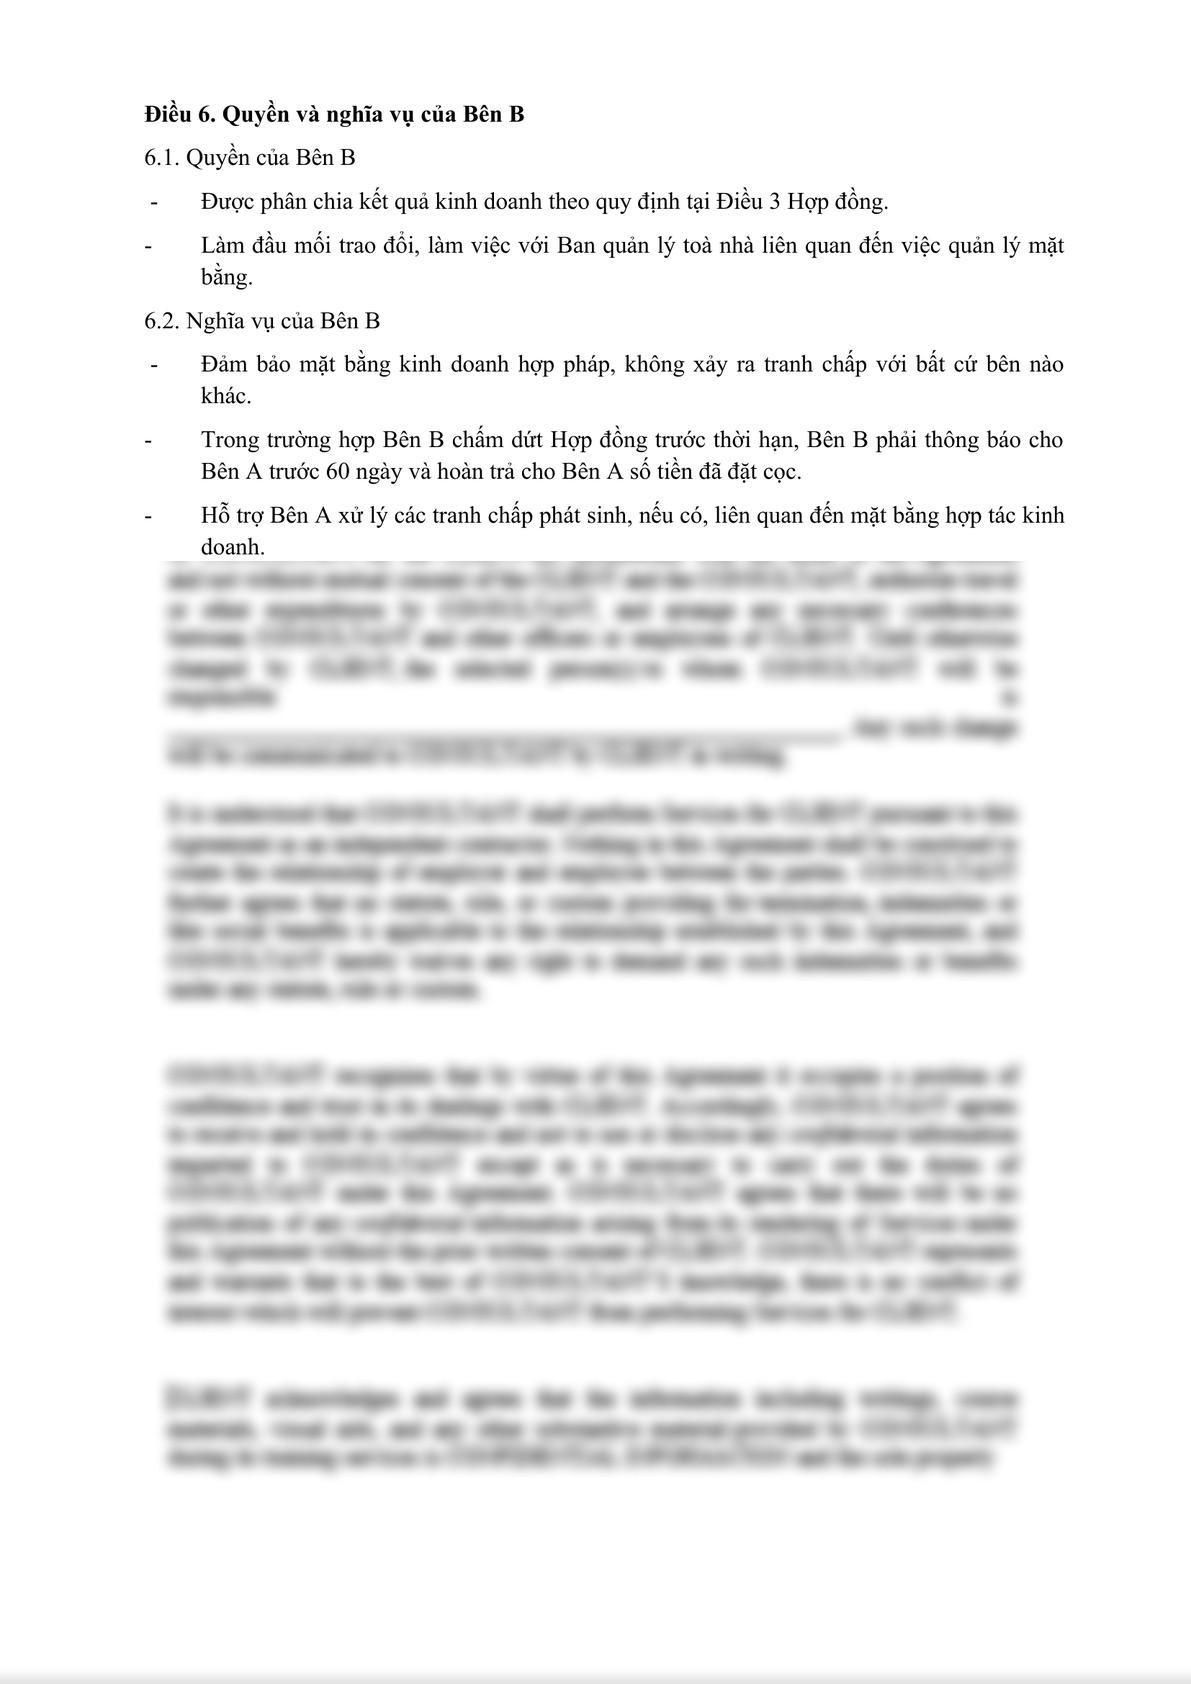 Hợp đồng hợp tác kinh doanh-4